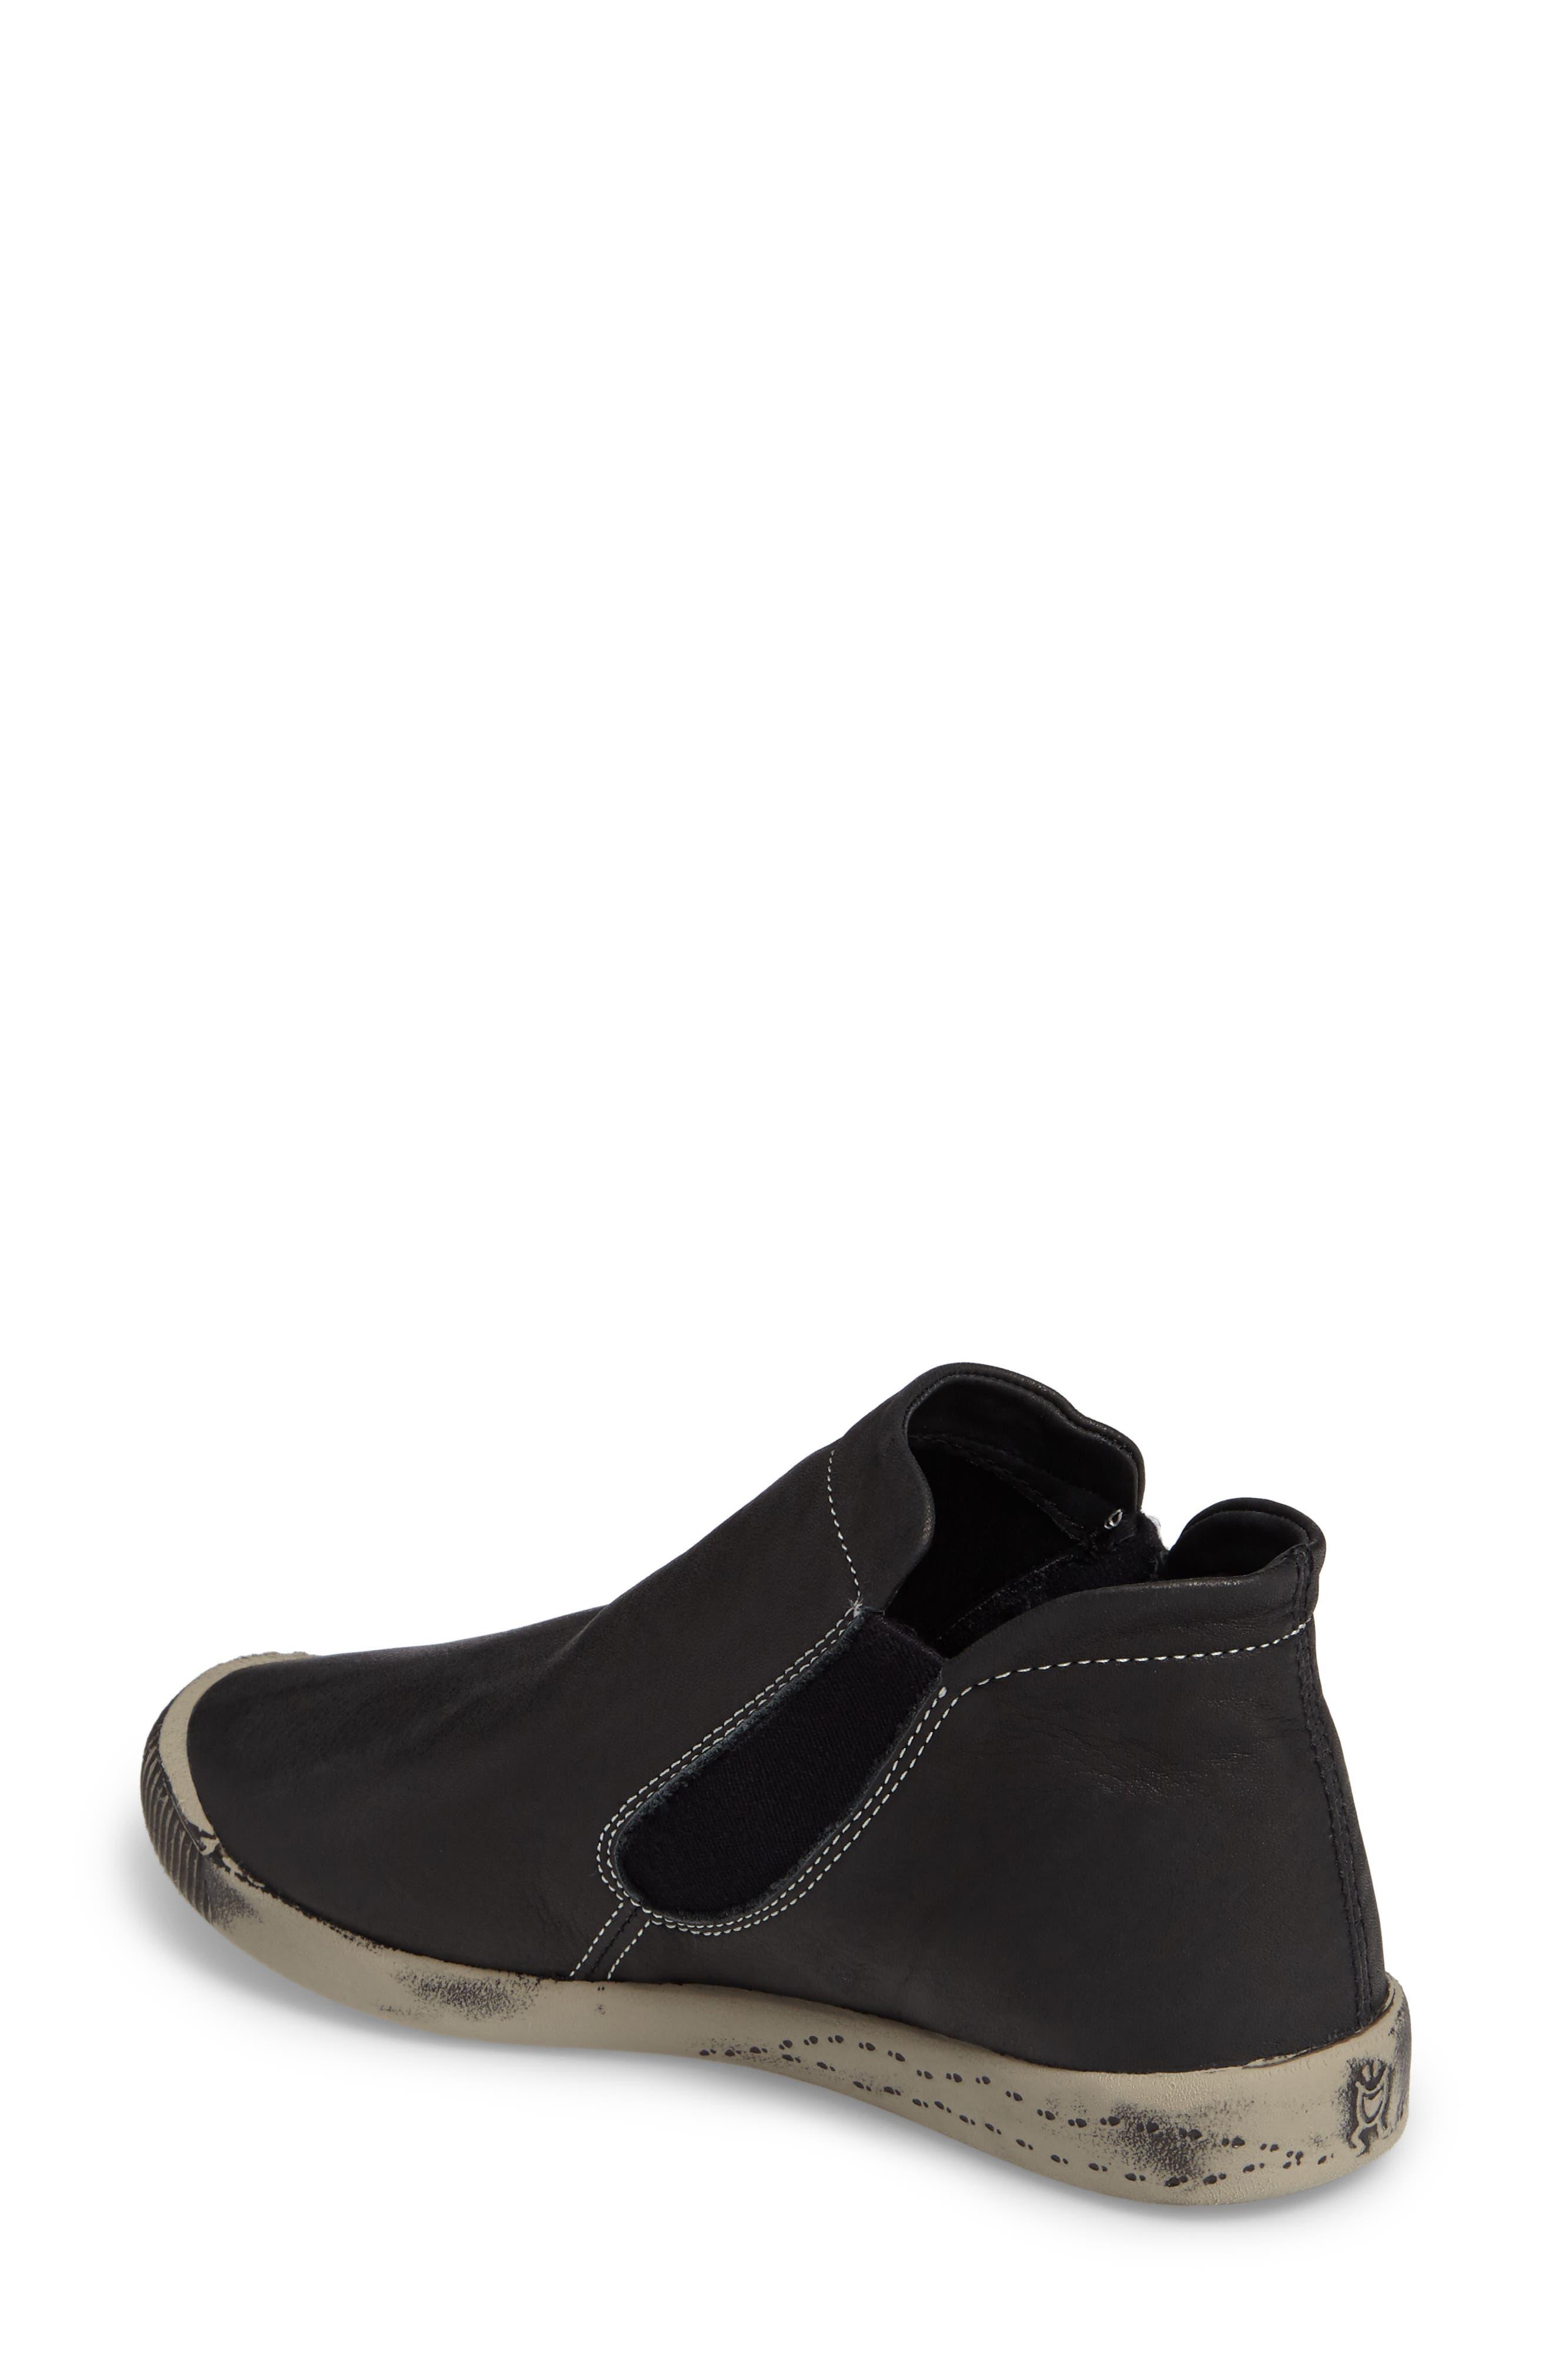 Inge Slip-On Sneaker,                             Alternate thumbnail 2, color,                             003